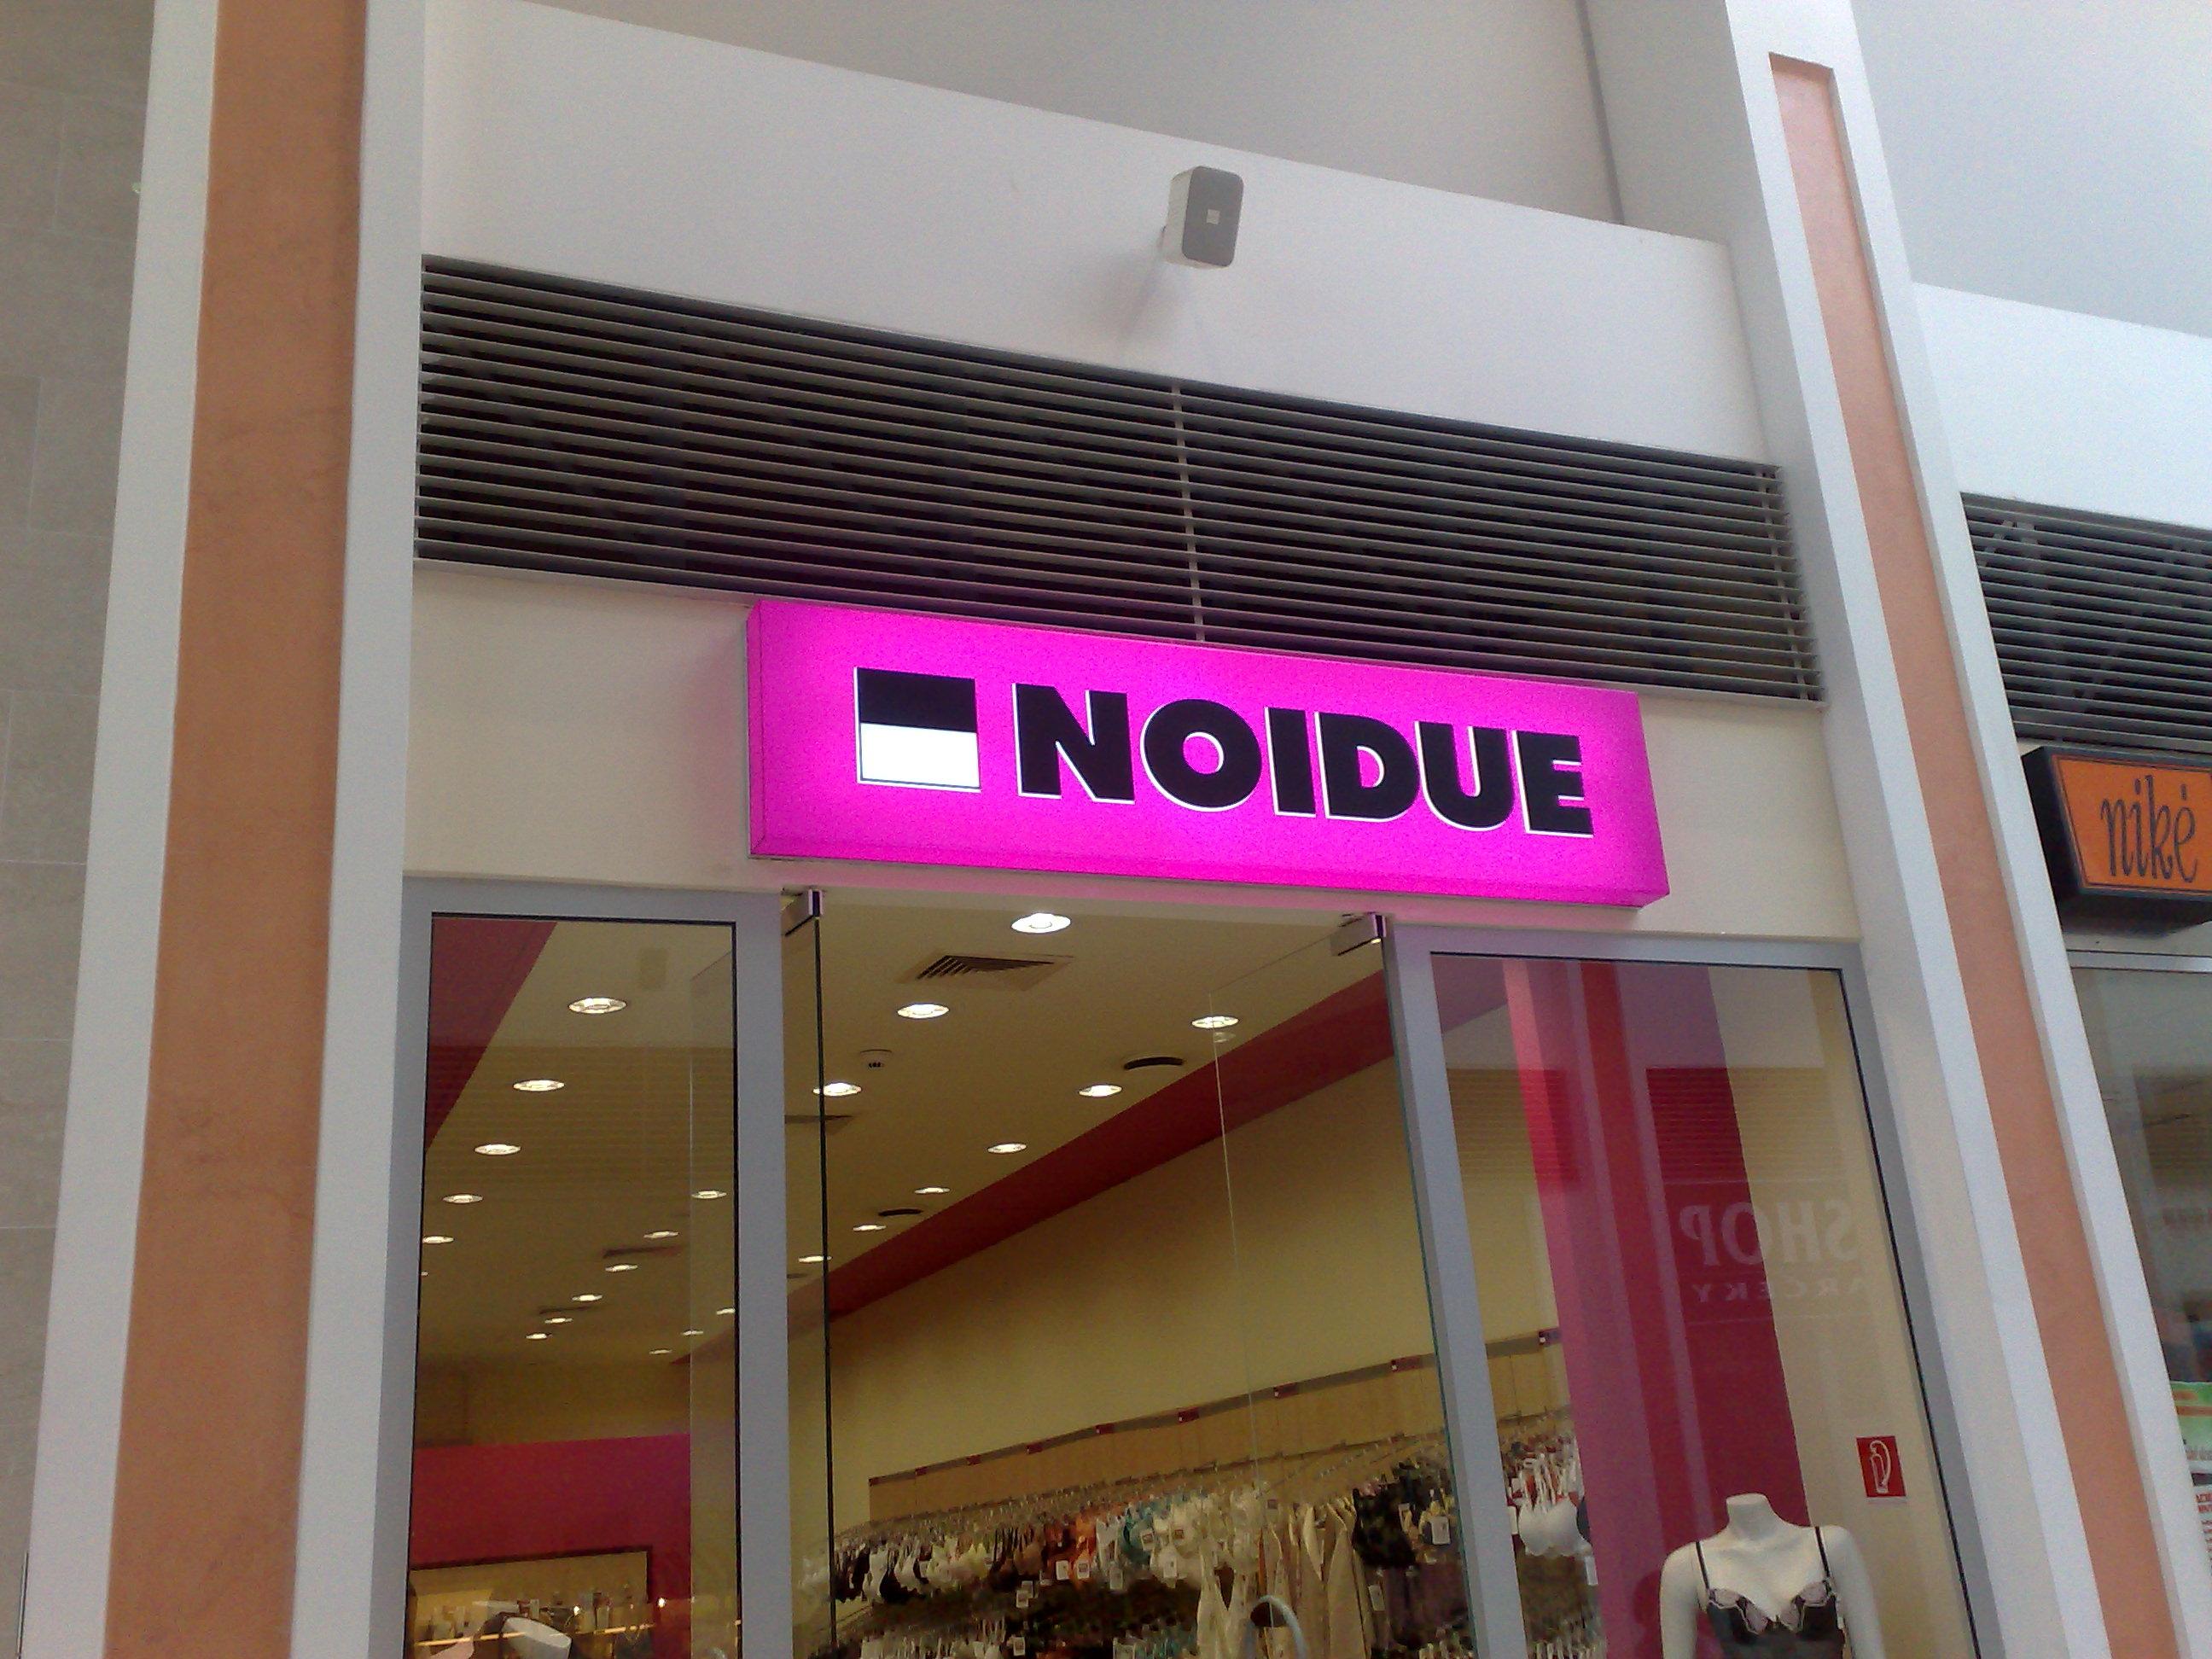 NOIDUE